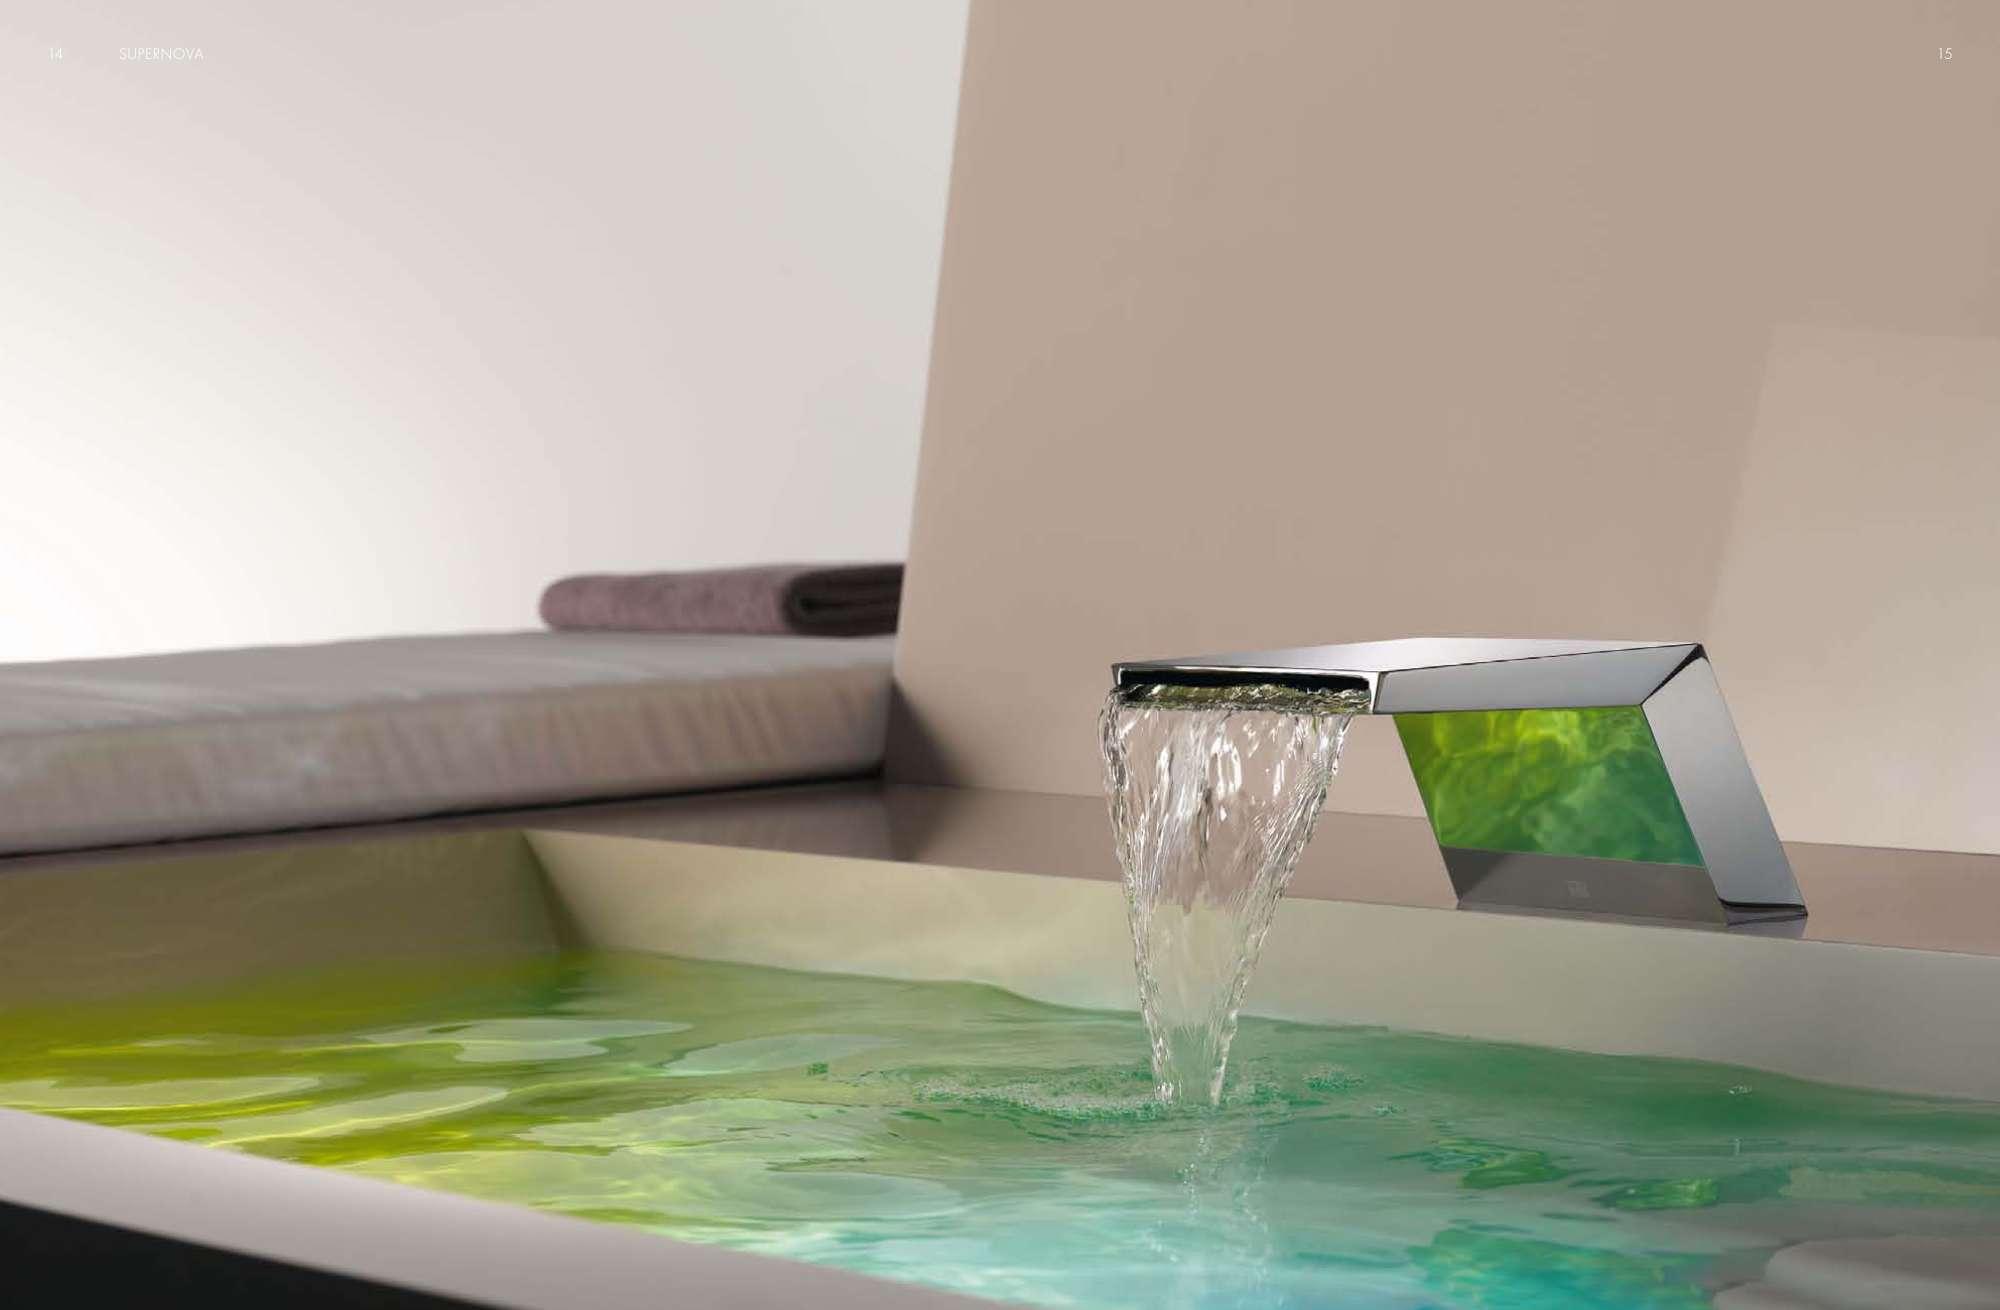 dornbracht archivos. Black Bedroom Furniture Sets. Home Design Ideas